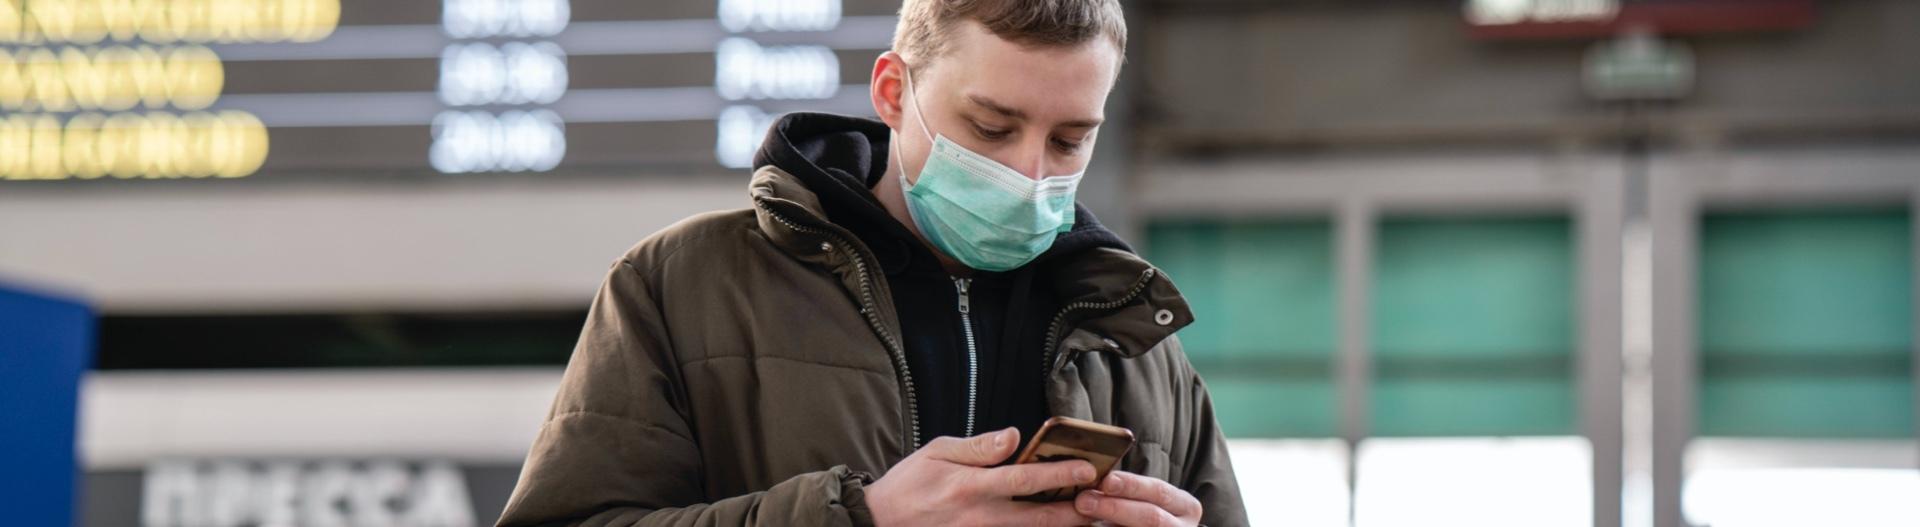 Mann mit Mundschutz schaut auf sein Smartphone